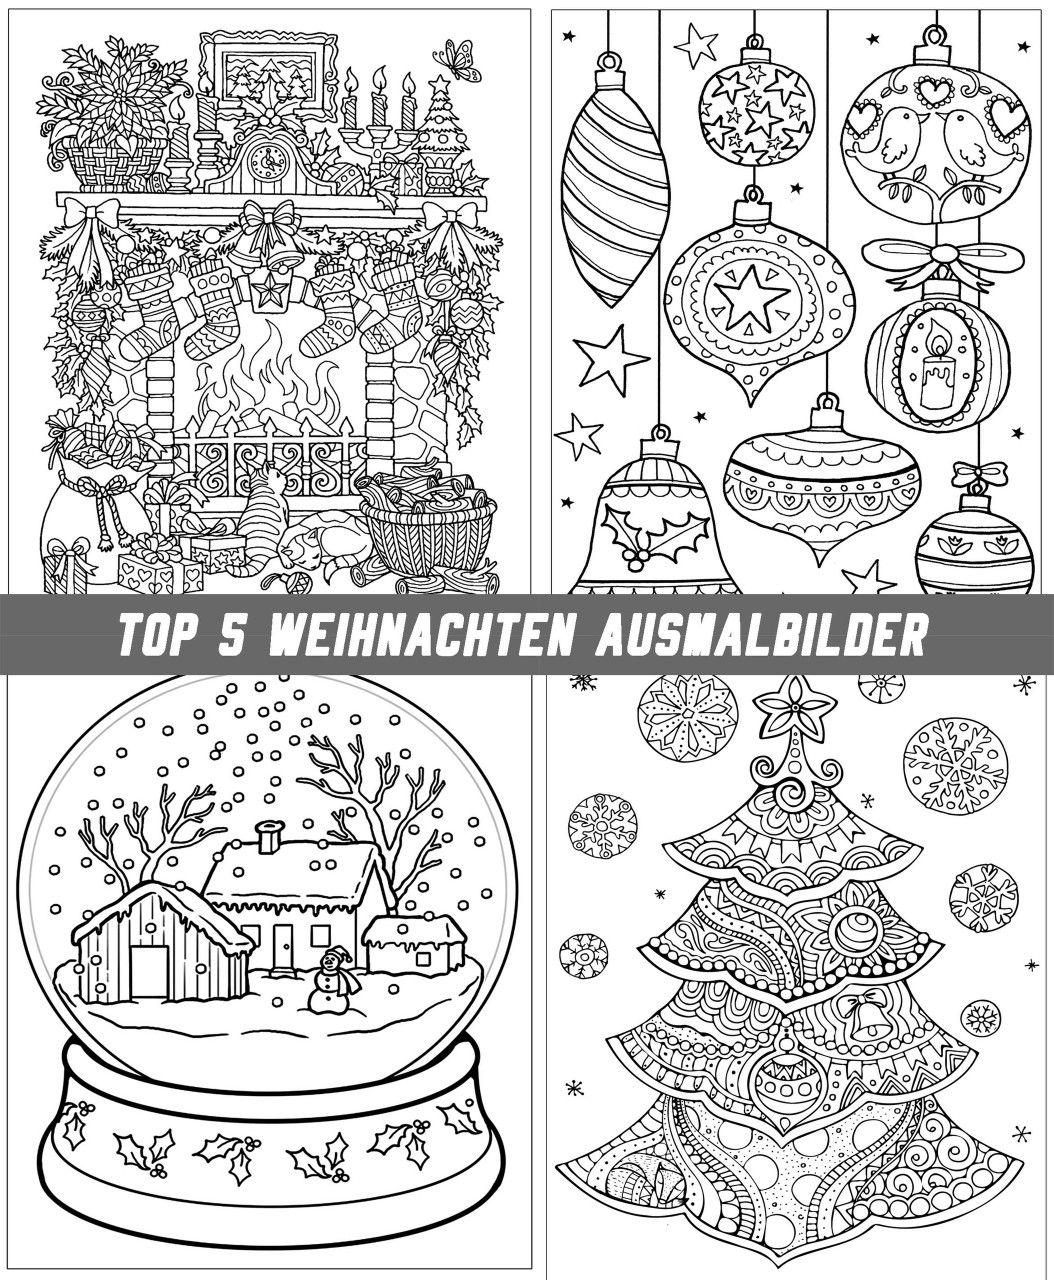 top 5 weihnachten ausmalbilder für erwachsene  alll